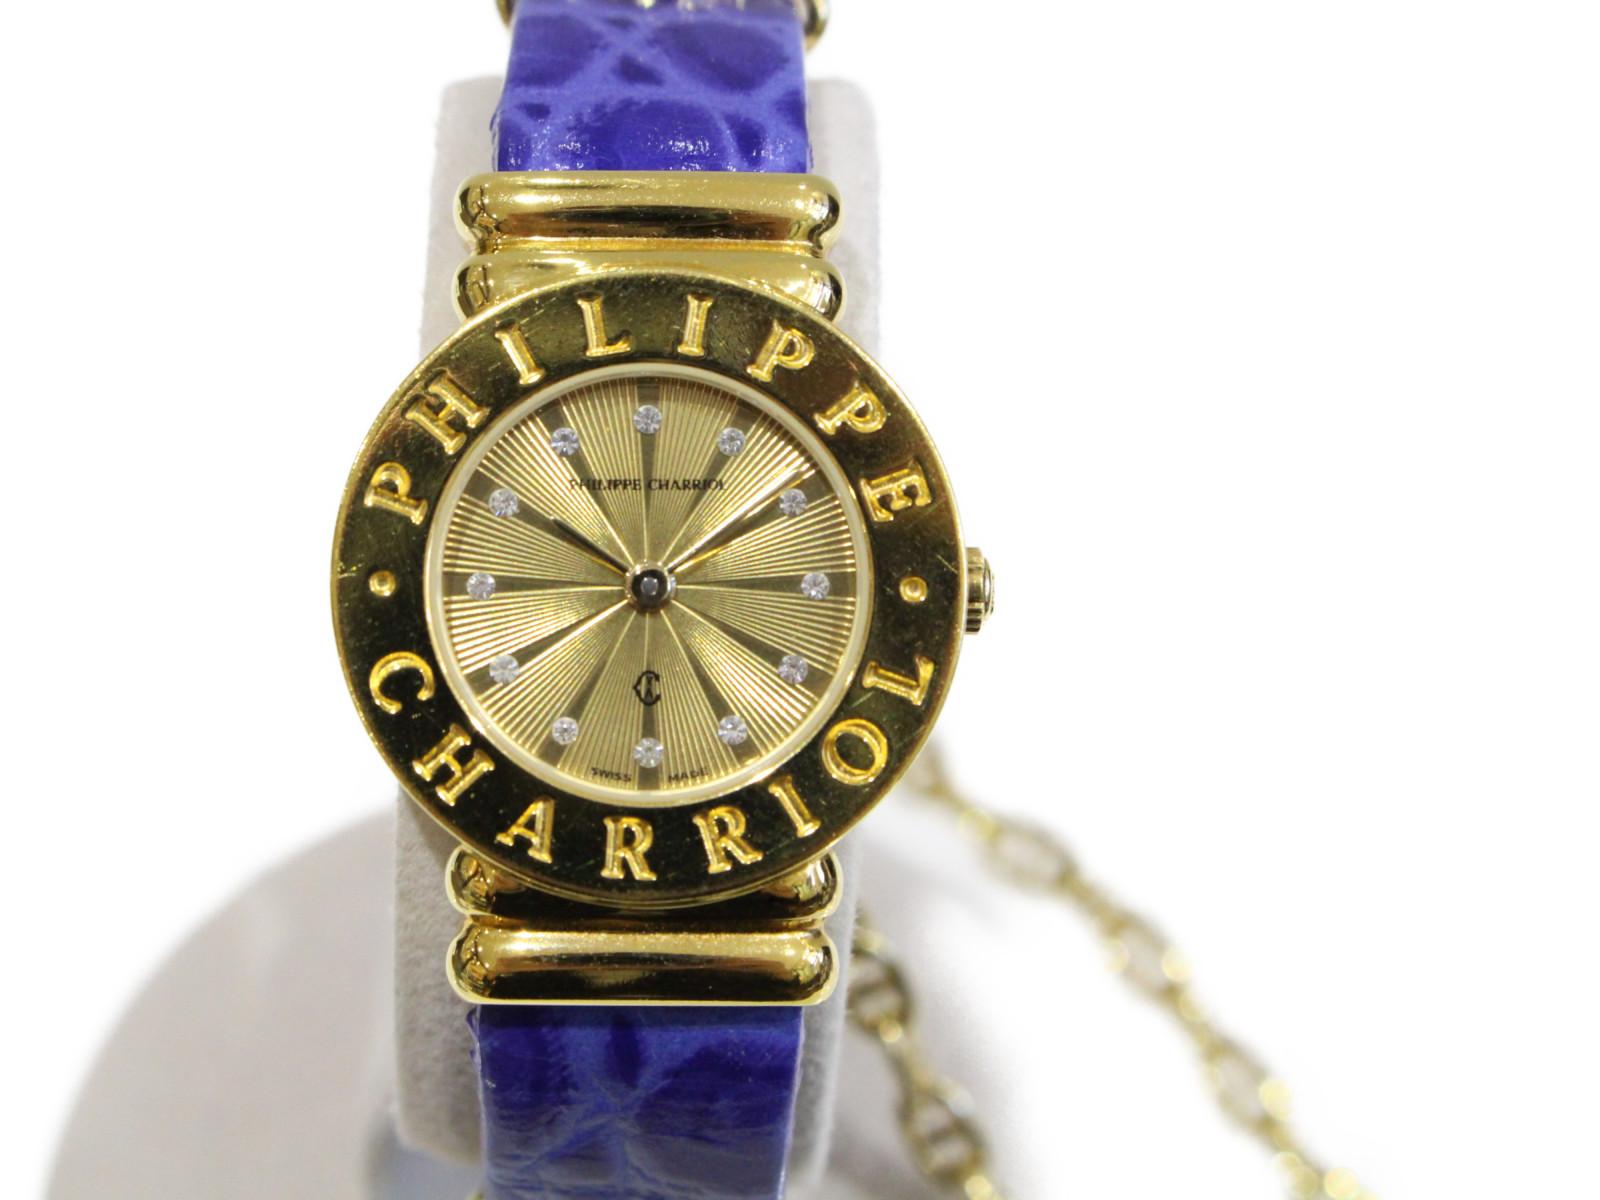 PHILIPPE CHARRIOL フィリップ シャリオール サントロペ 7007901 クオーツ SS ステンレススチール イエローゴールド レザーベルト ブルー  レディース 腕時計【中古】